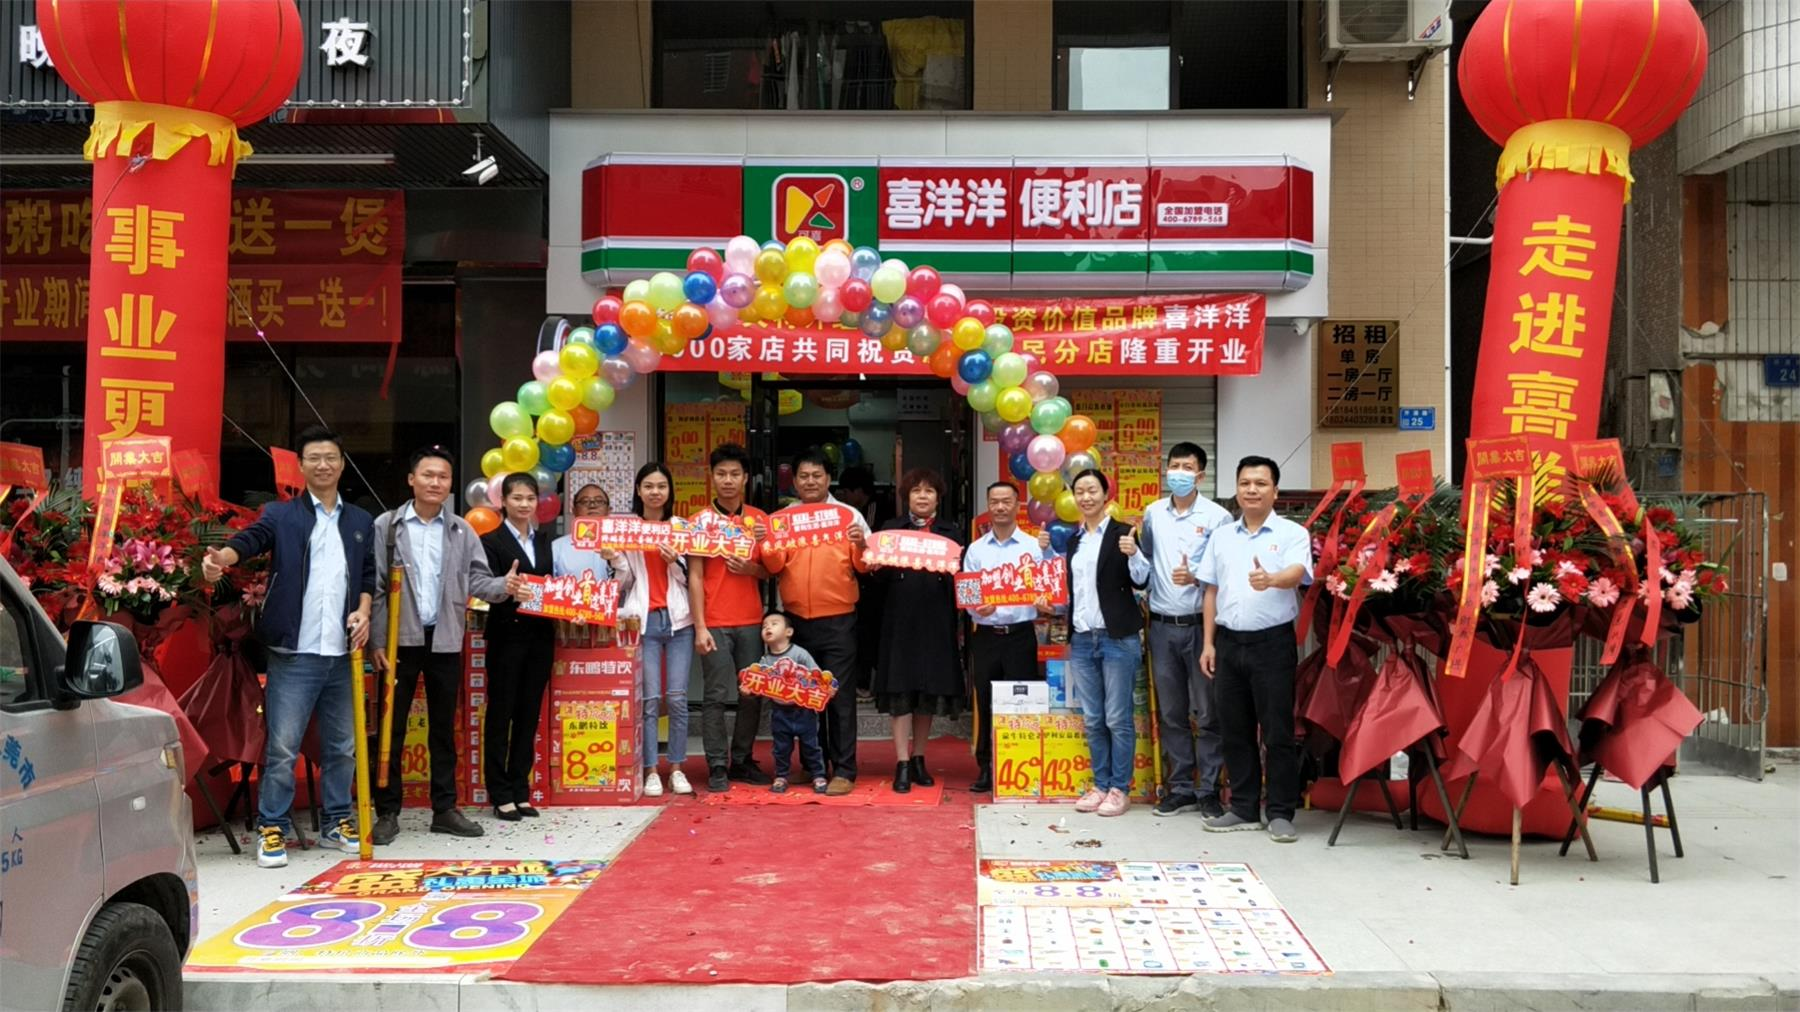 热烈祝贺喜洋洋11月28日又迎来新店开业:厦岗誉民分店